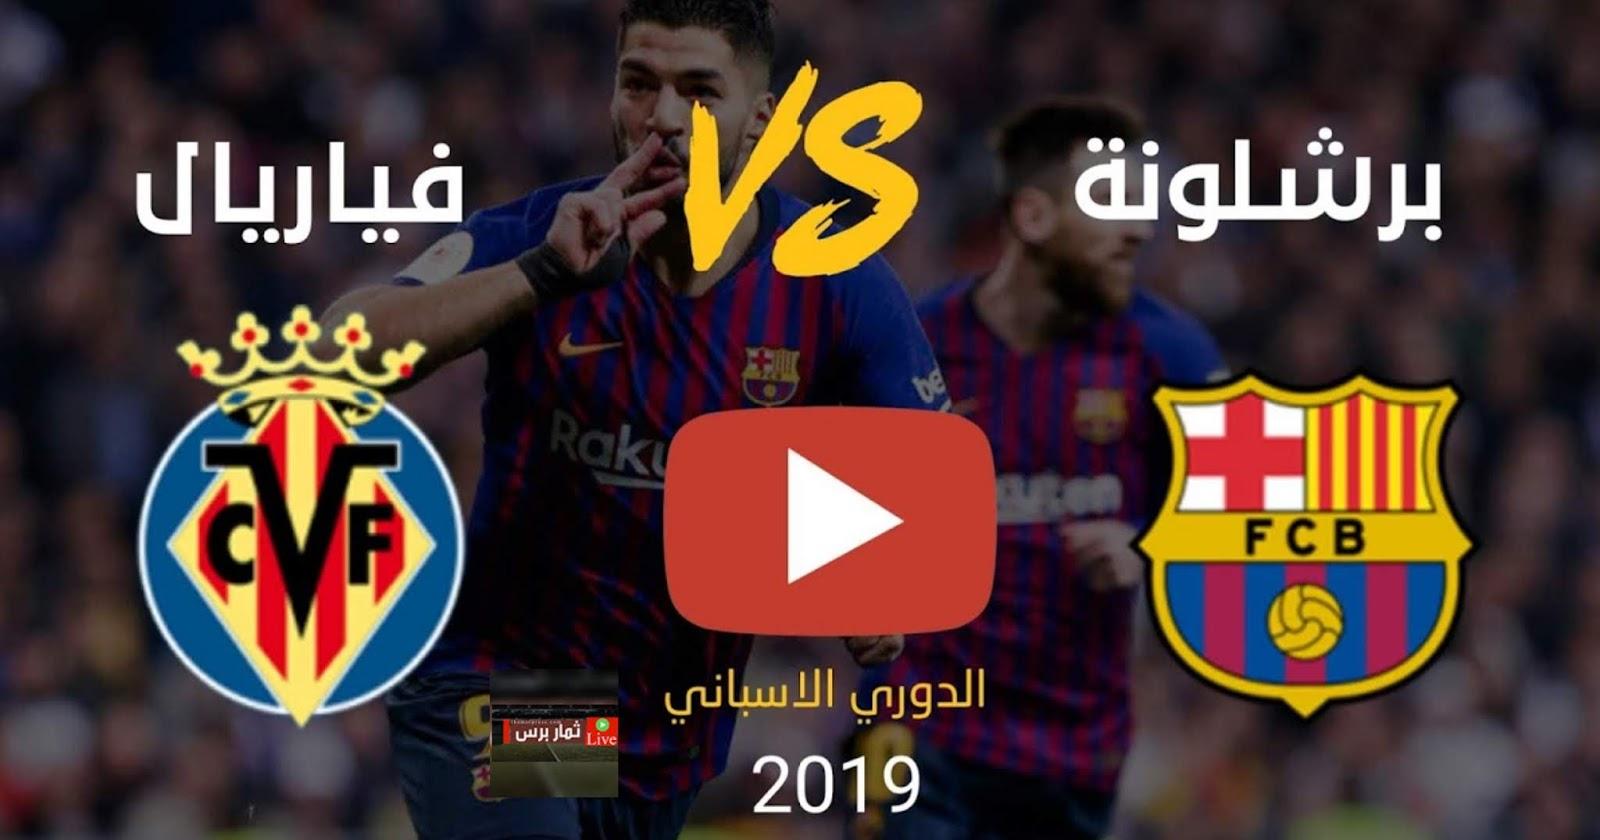 مشاهدة مباراة فياريال وبرشلونة بث مباشر بتاريخ 02-04-2019 الدوري الاسباني مباشر الآن